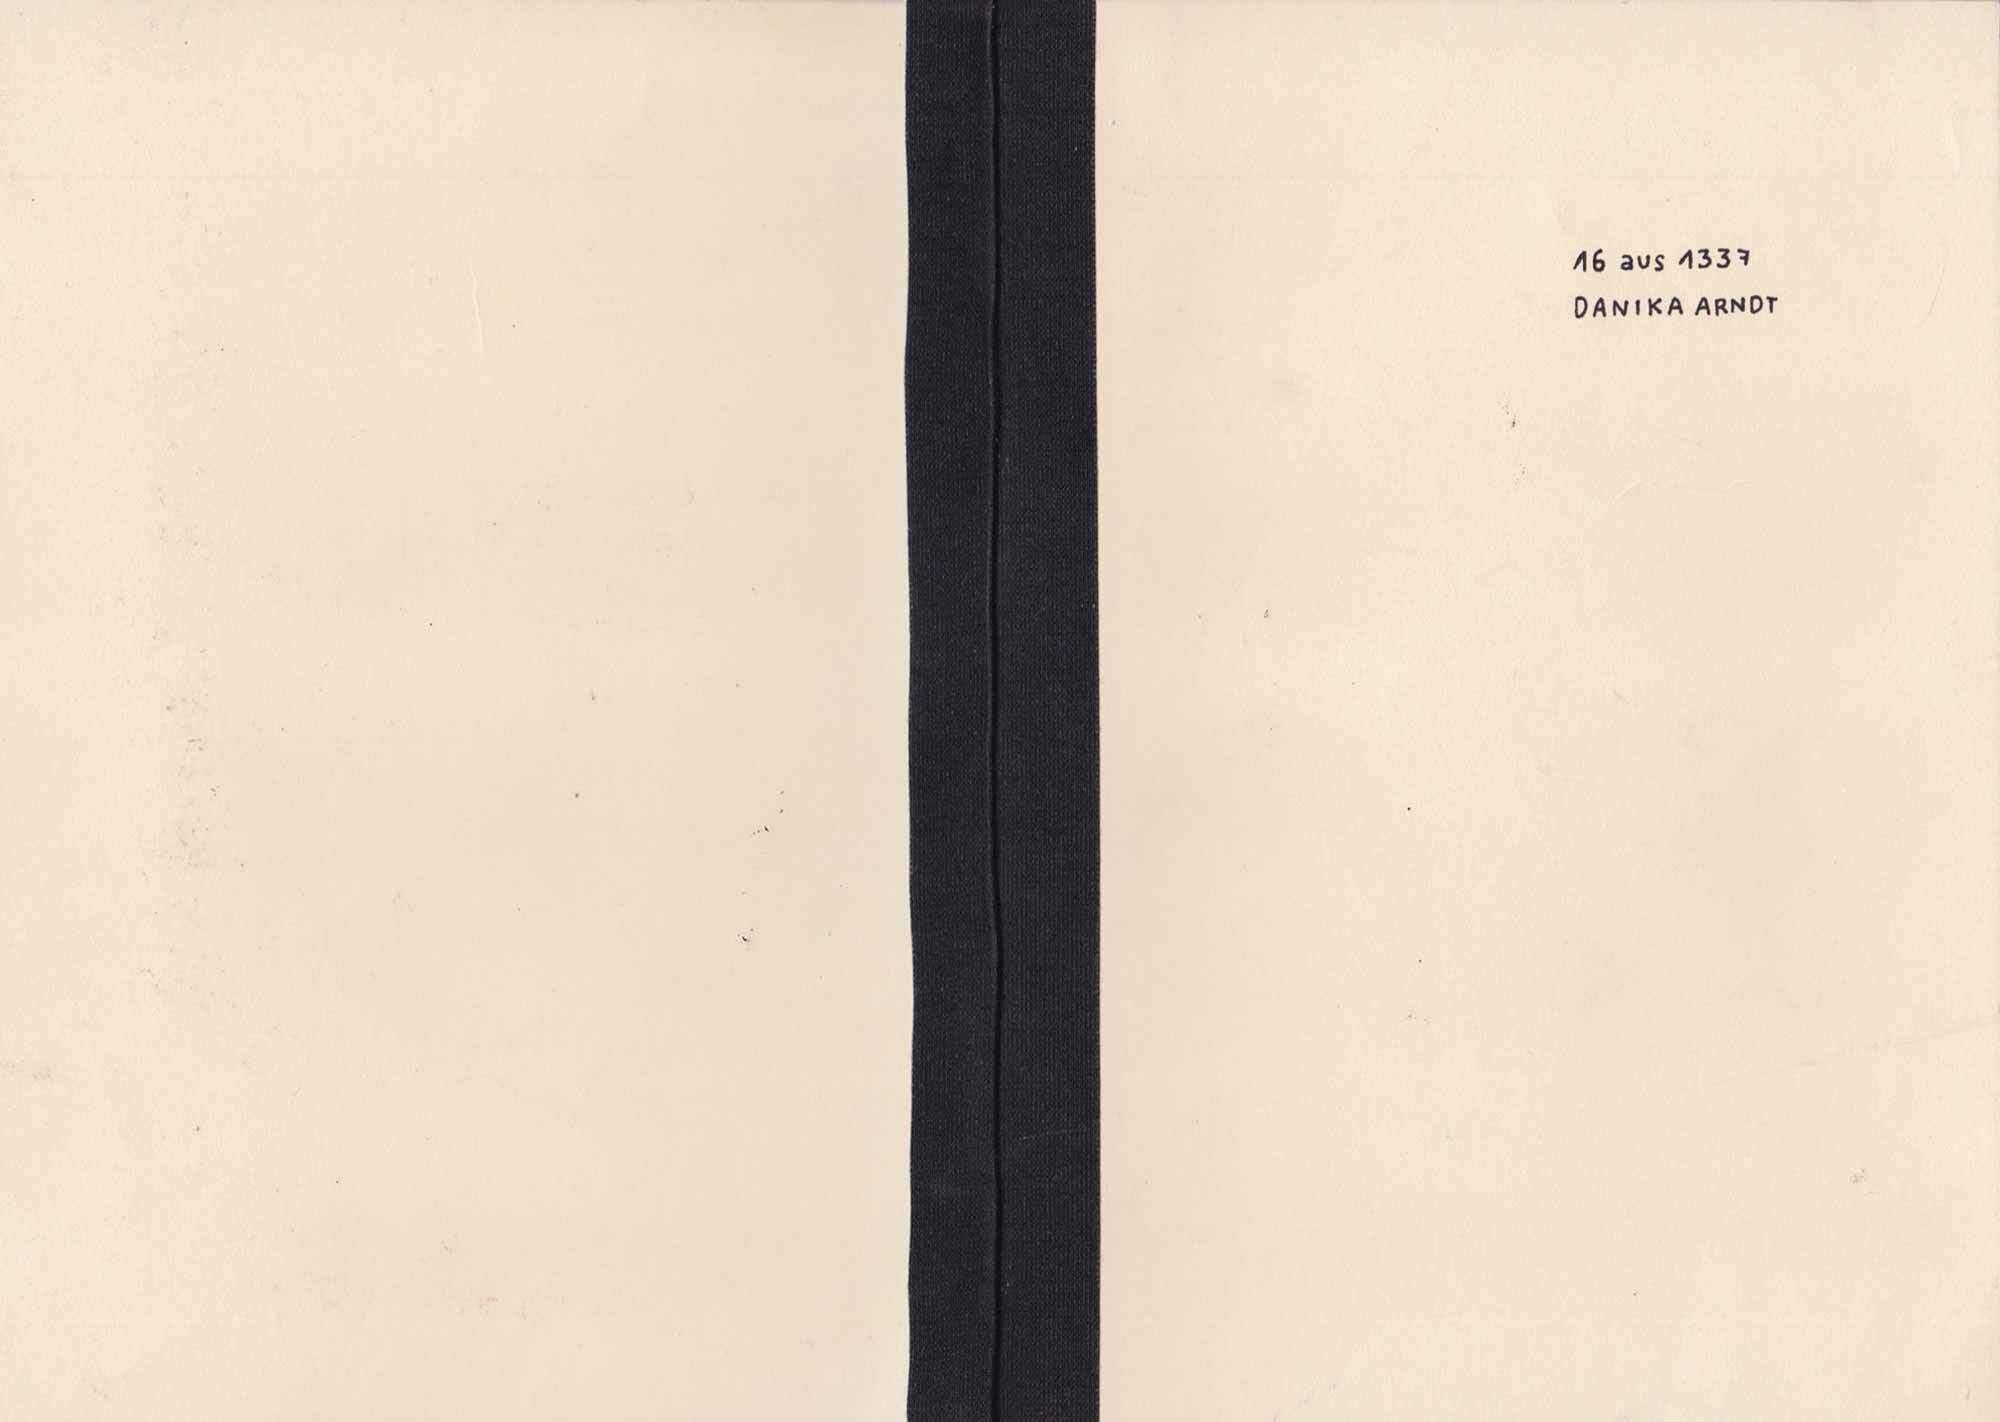 13-18-Scan-Print-16aus1337-1-web